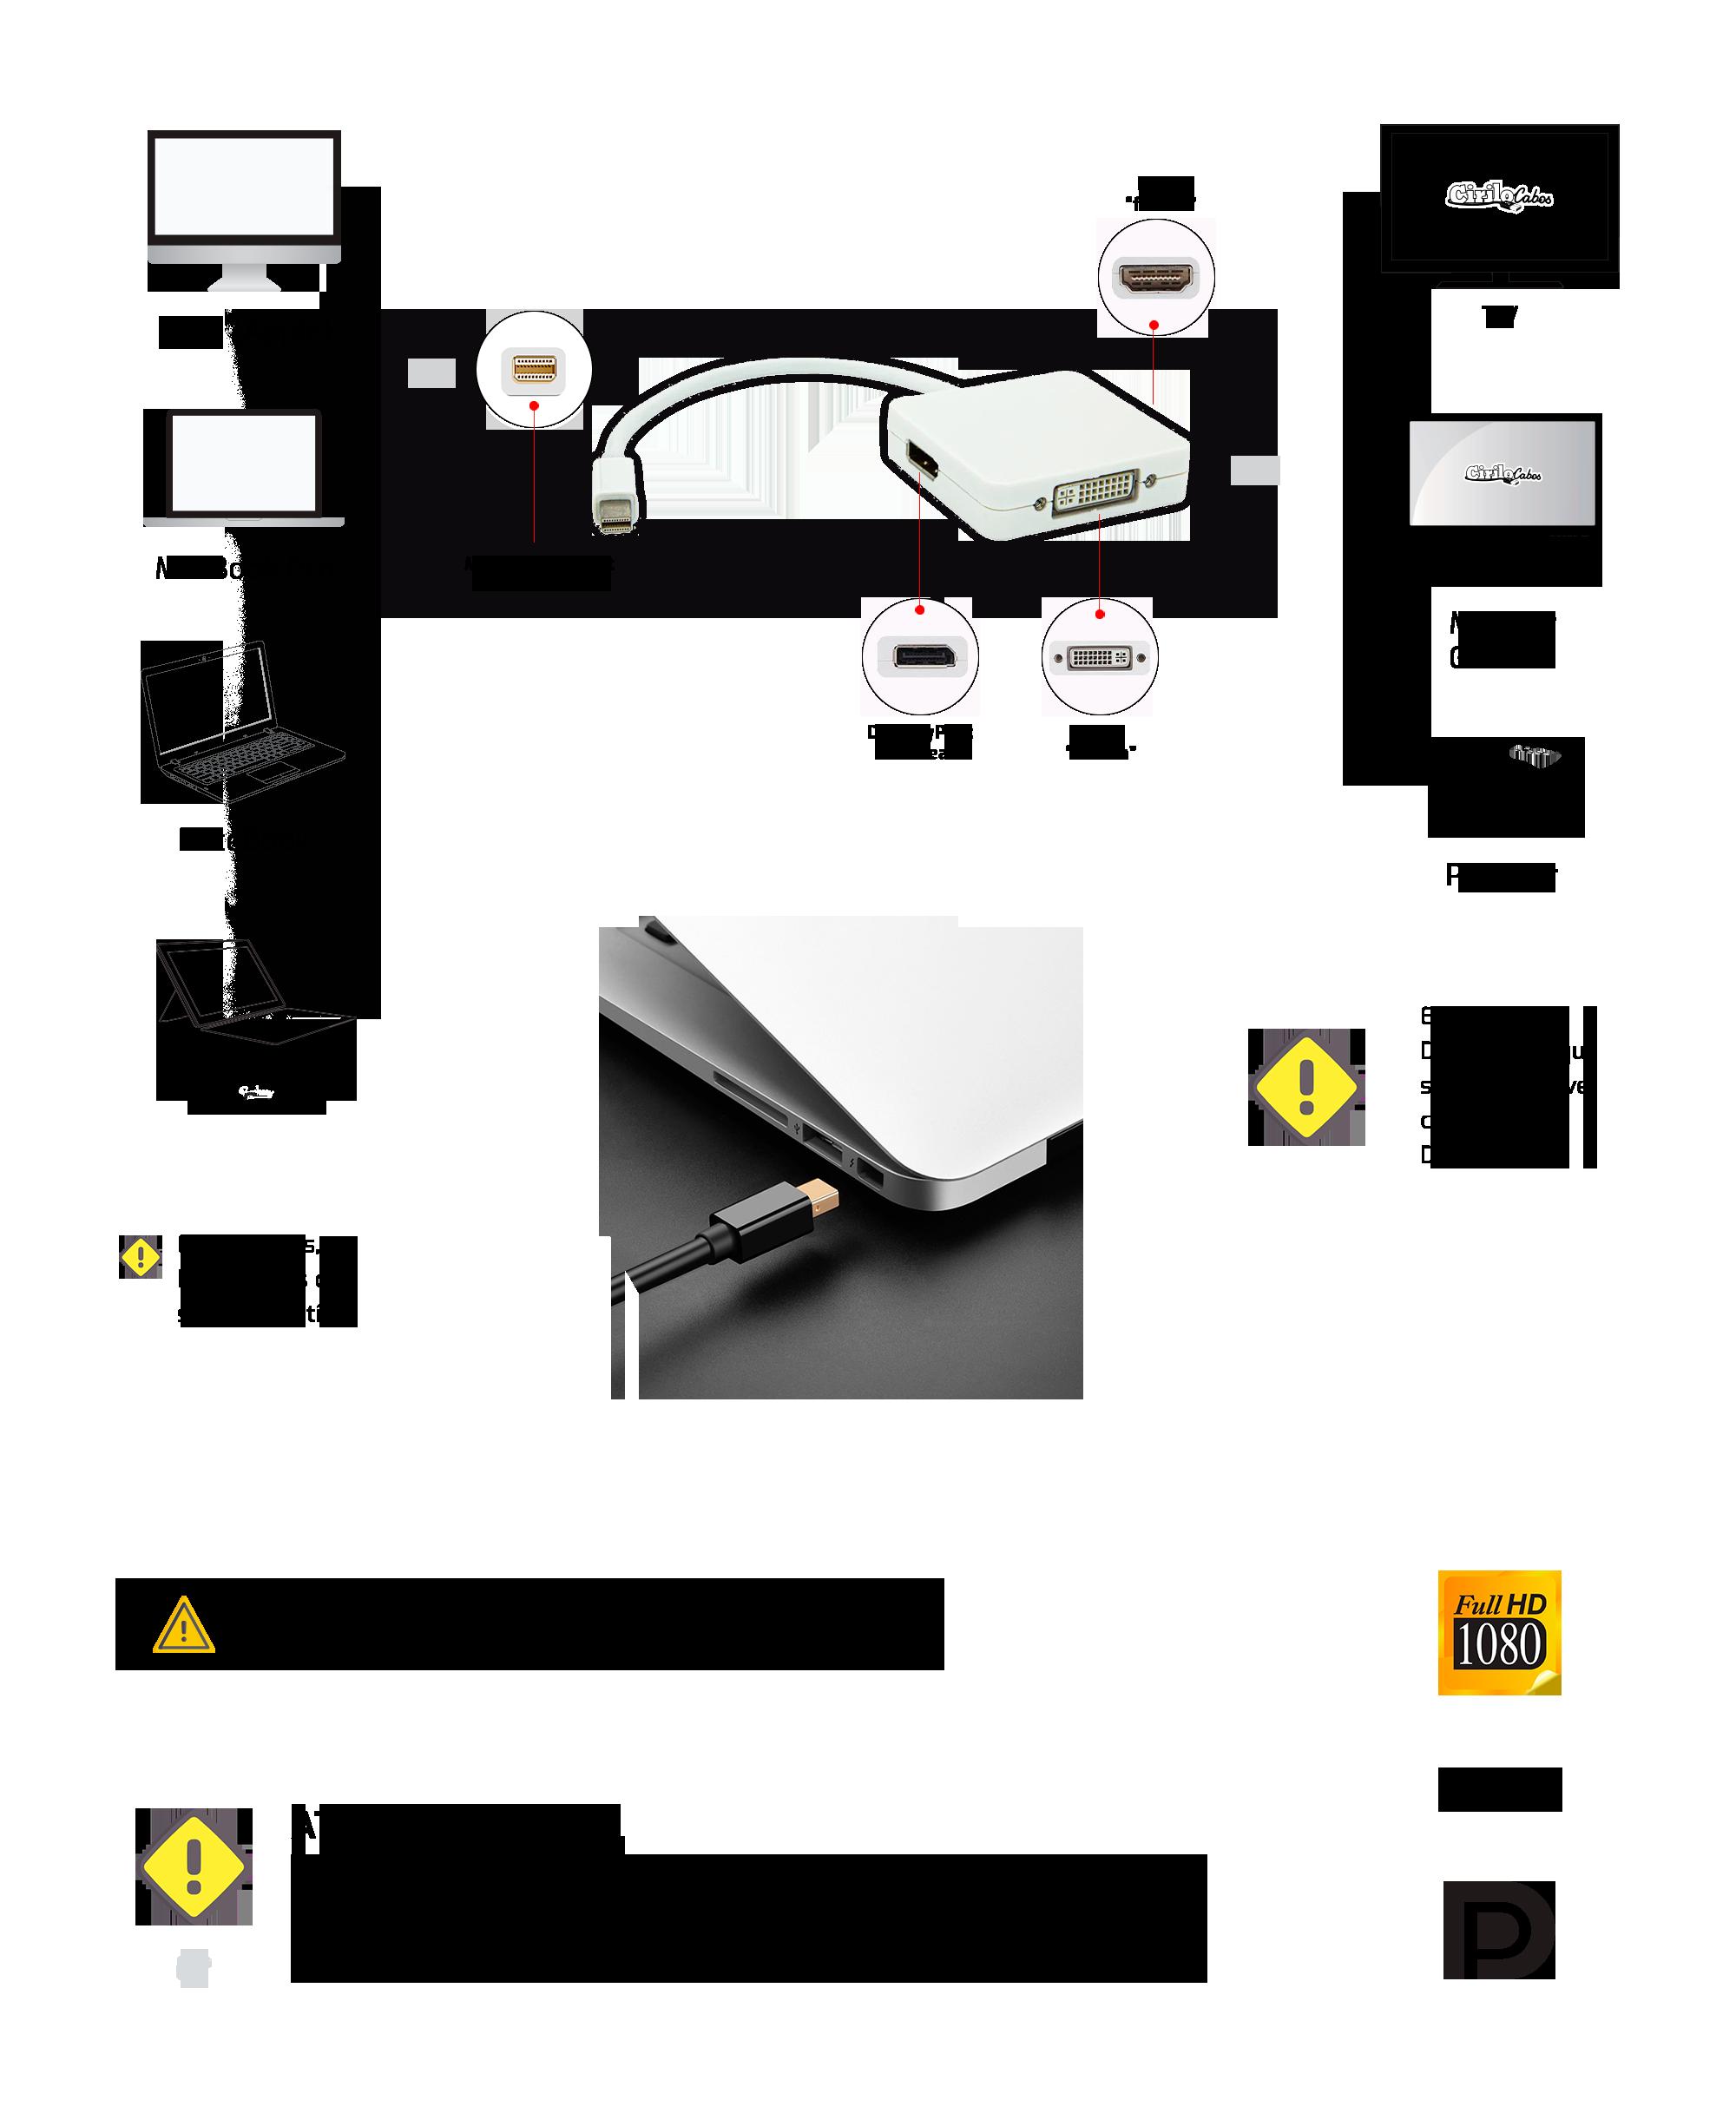 Adaptador Mini DisplayPort 3 EM 1 DVI HDMI DisplayPort